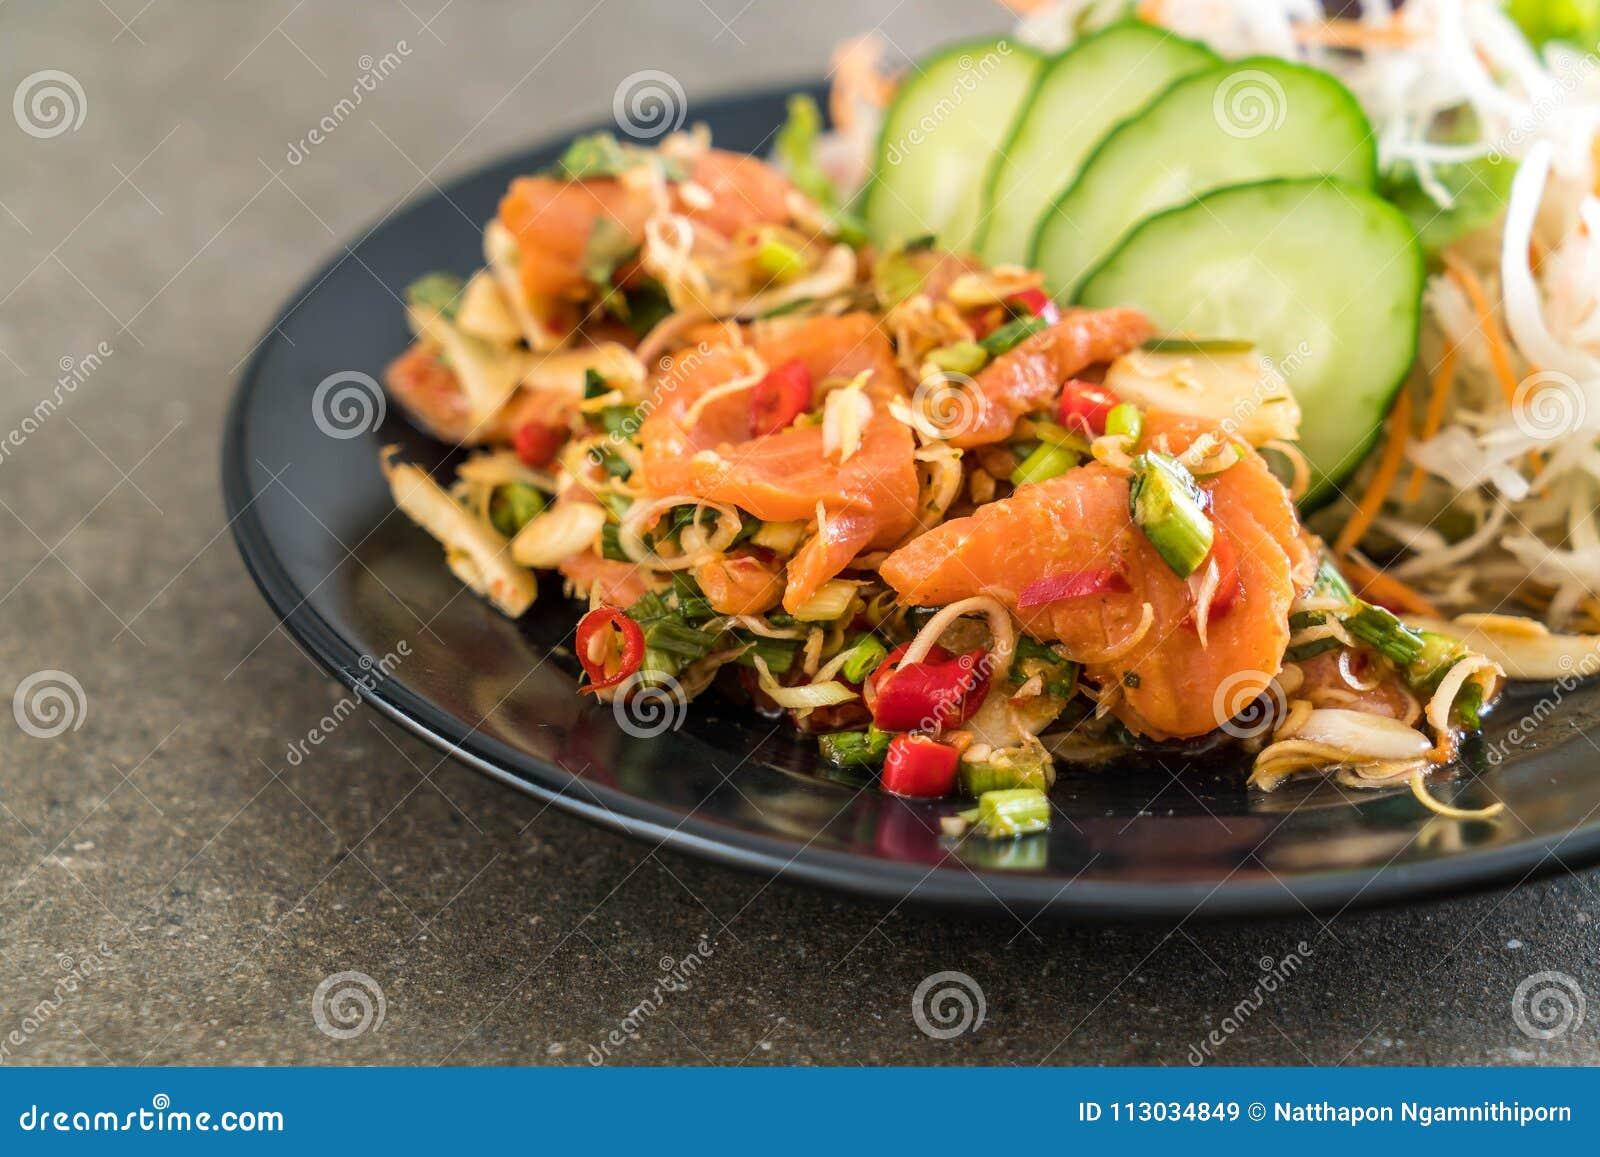 Ensalada picante cruda de color salmón fresca